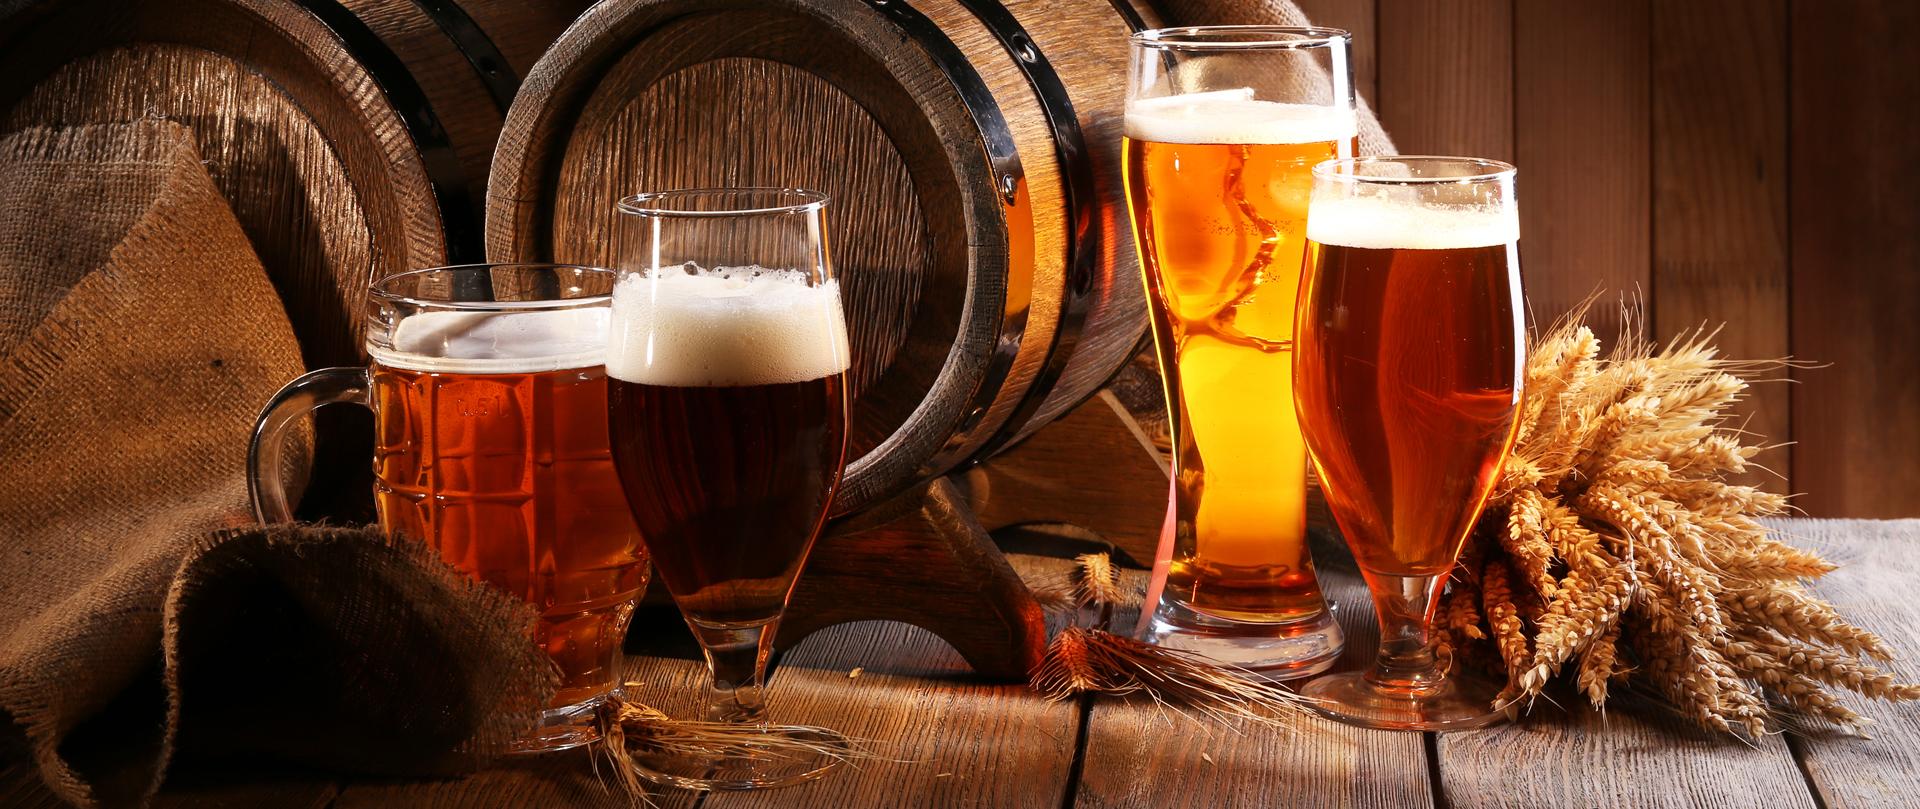 Gefüllte Biergläser auf einem Tisch